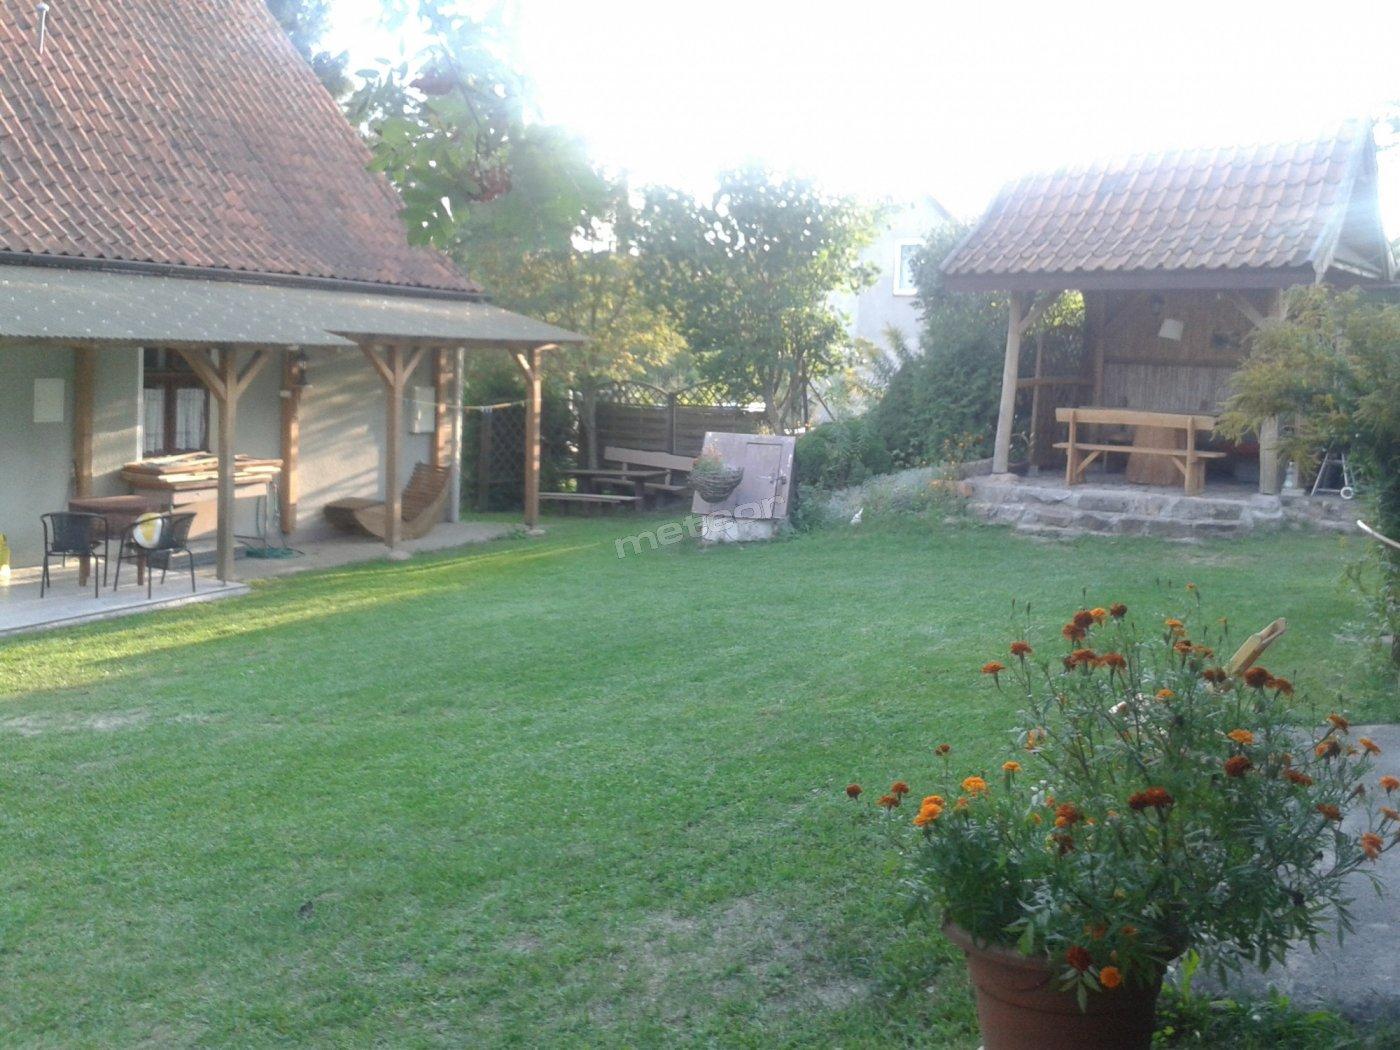 Widok z podwórka przed domem.